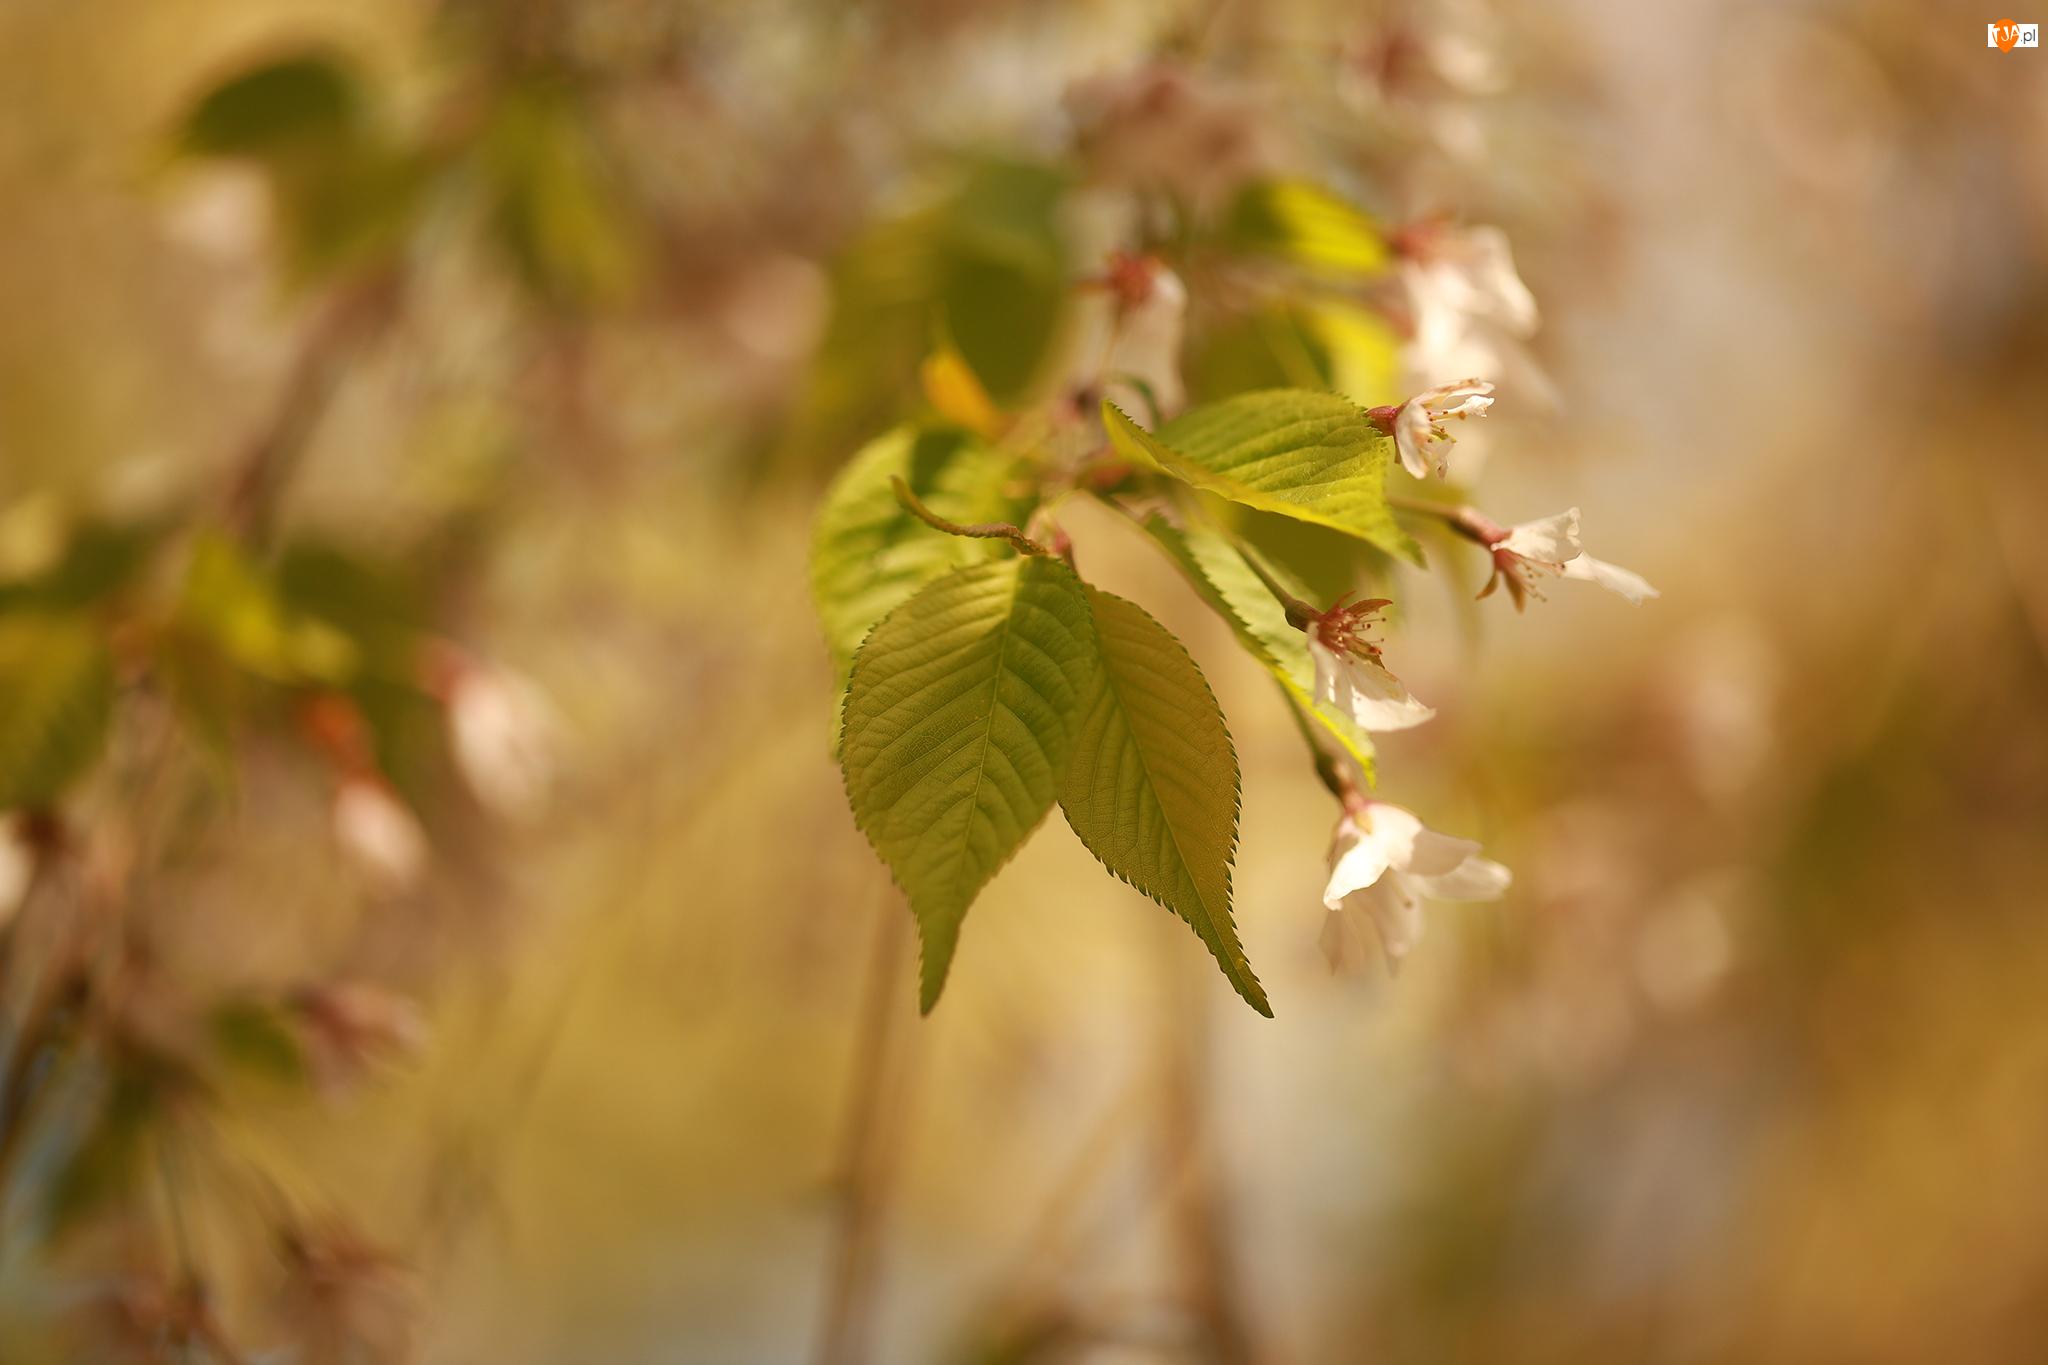 Gałązka, Zielone, Liście, Kwiaty